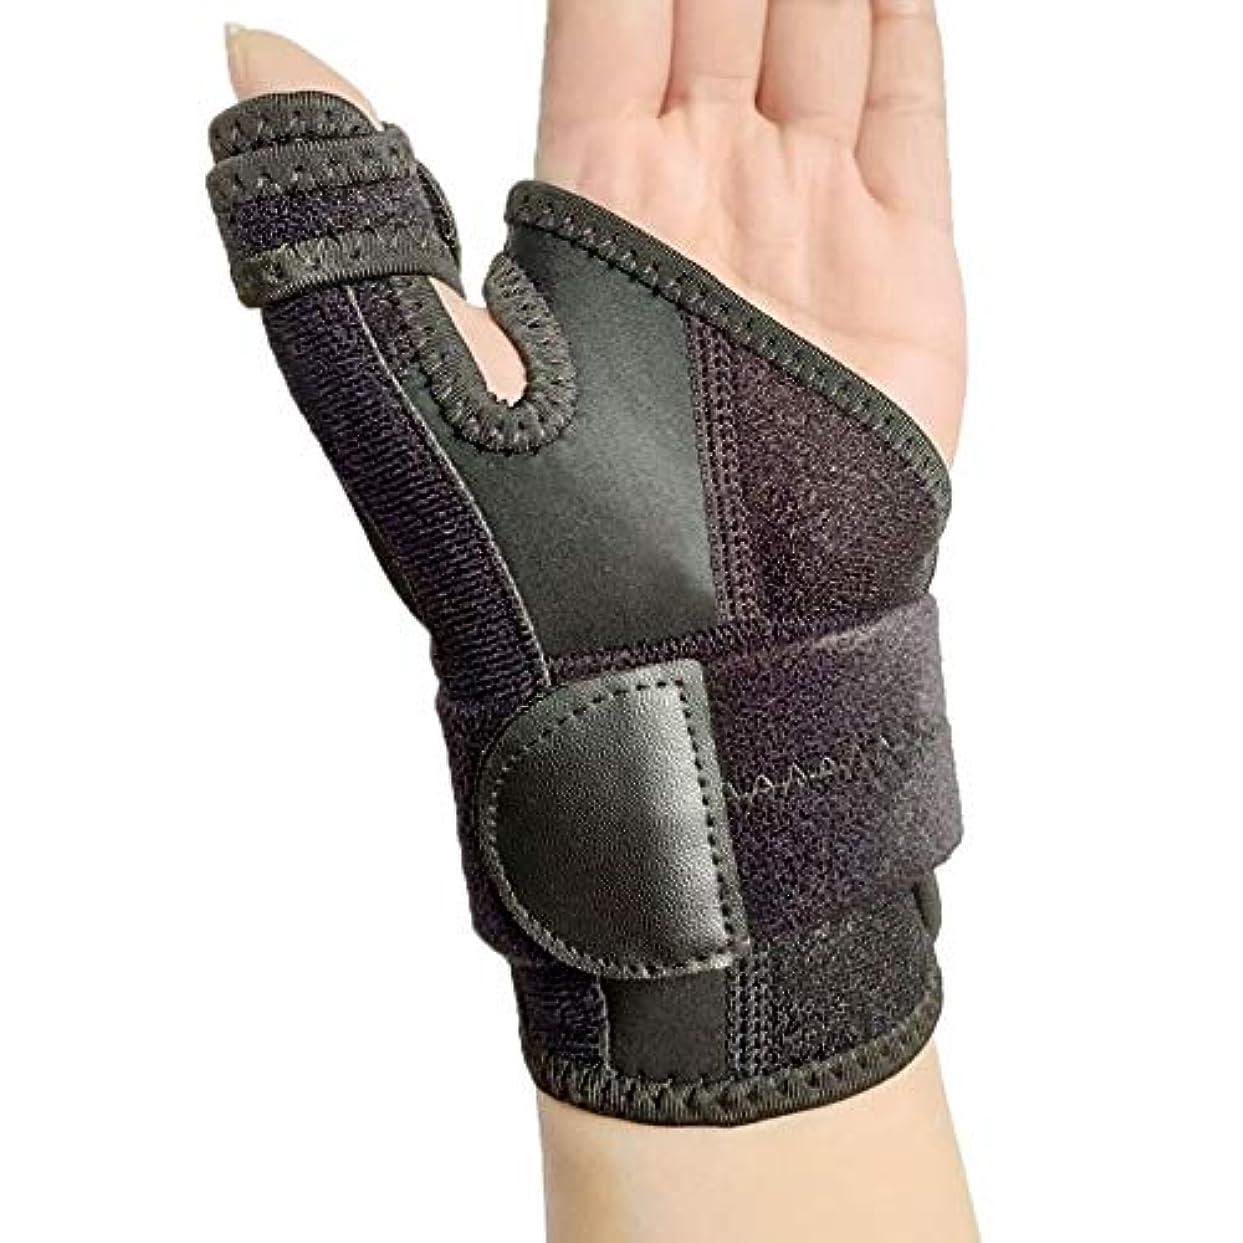 以前はガラス焦がす調節可能な手の捻挫メンズ?レディース?便利なスポーツ破壊無垢バンド手根管手首のサポートブレースベルト親指Bracer